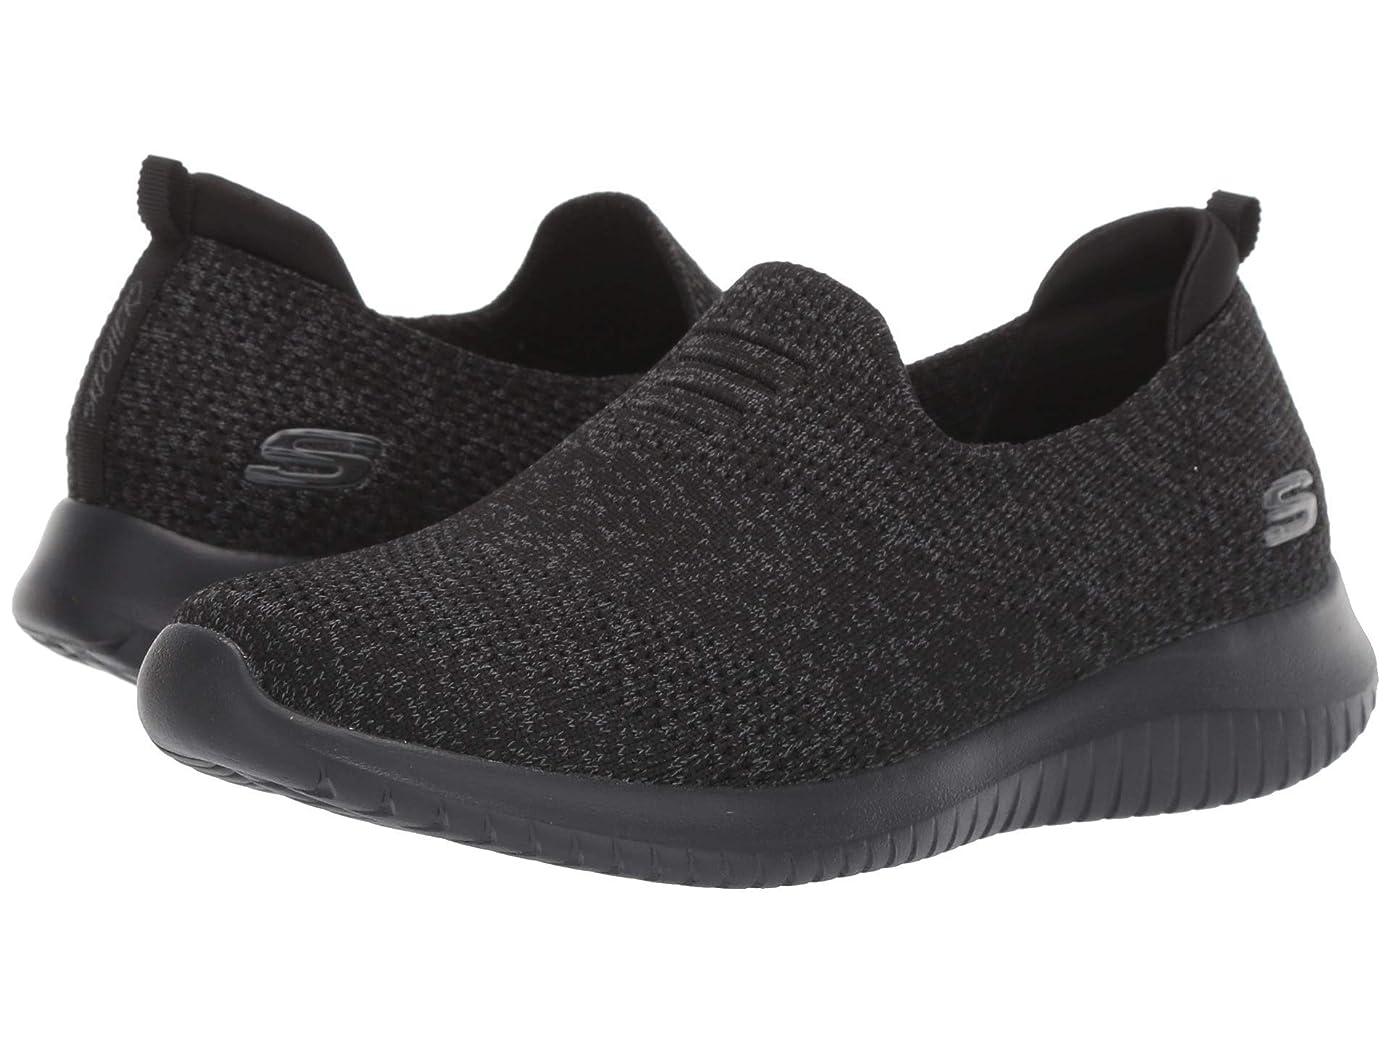 お辞書エンコミウムレディーススニーカー?ウォーキングシューズ?靴 Ultra Flex - Harmonious Black 2 8.5 (25.5cm) B [並行輸入品]